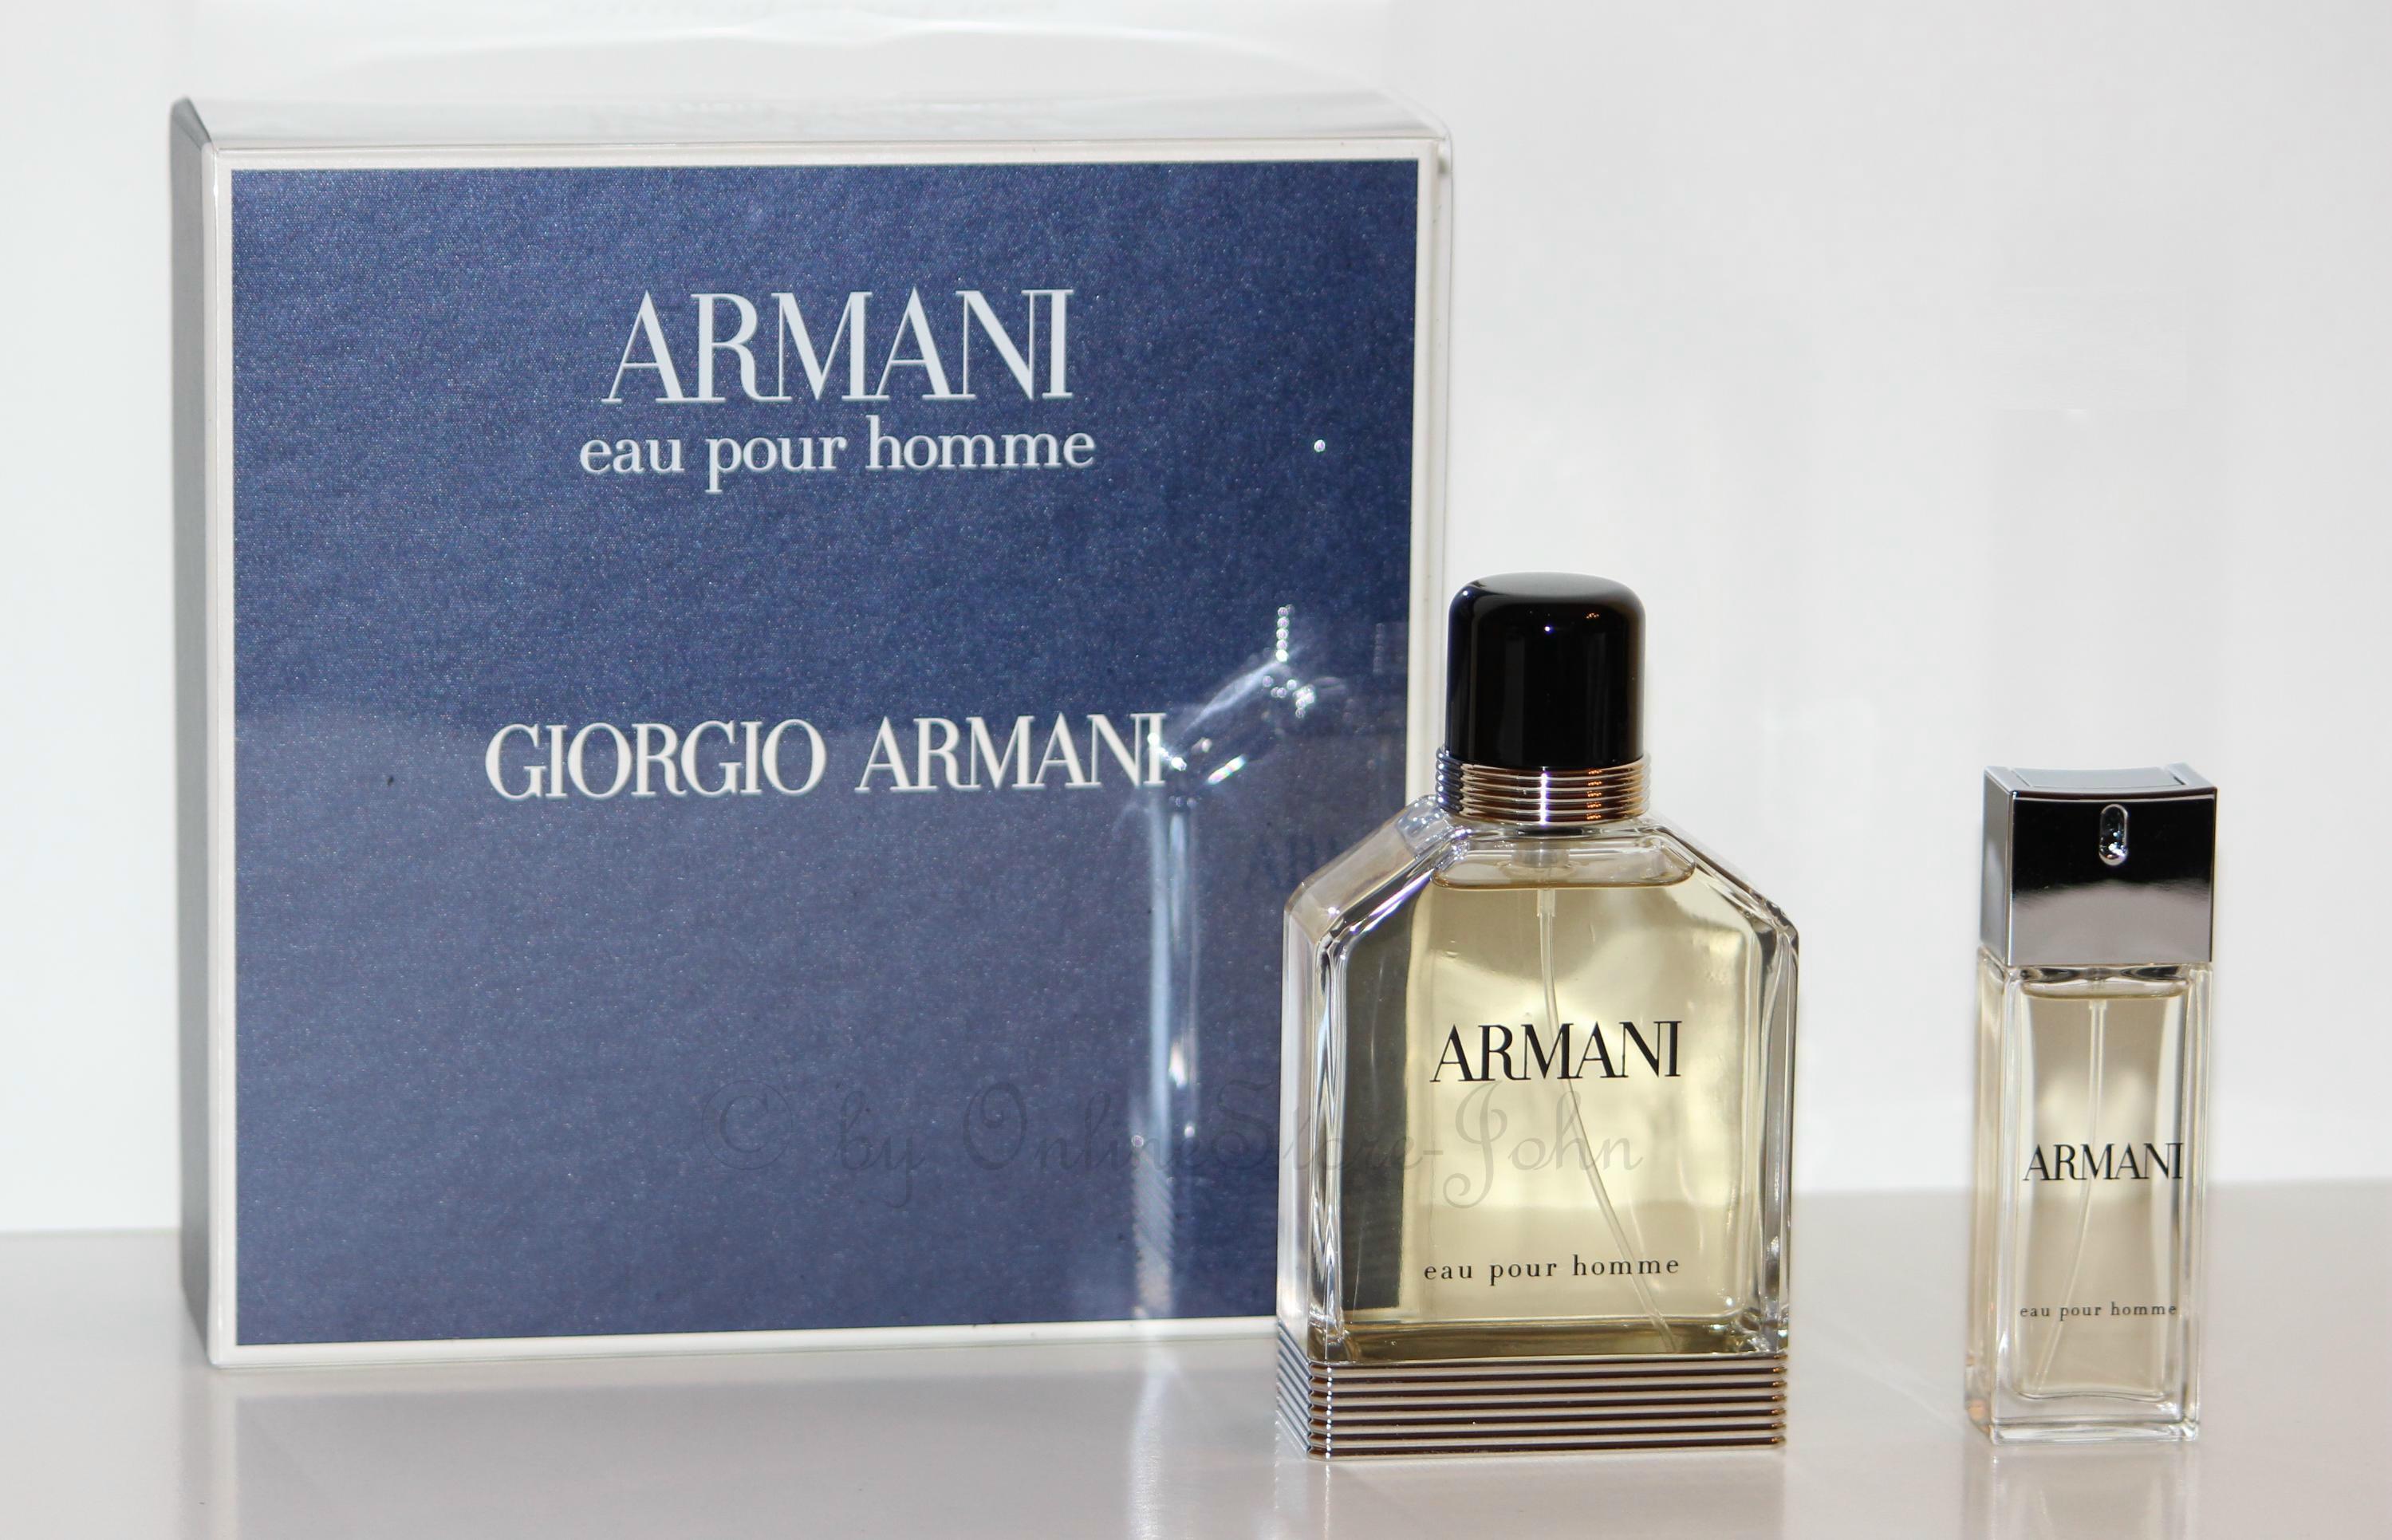 giorgio armani eau pour homme set 100ml edt 20ml edt. Black Bedroom Furniture Sets. Home Design Ideas